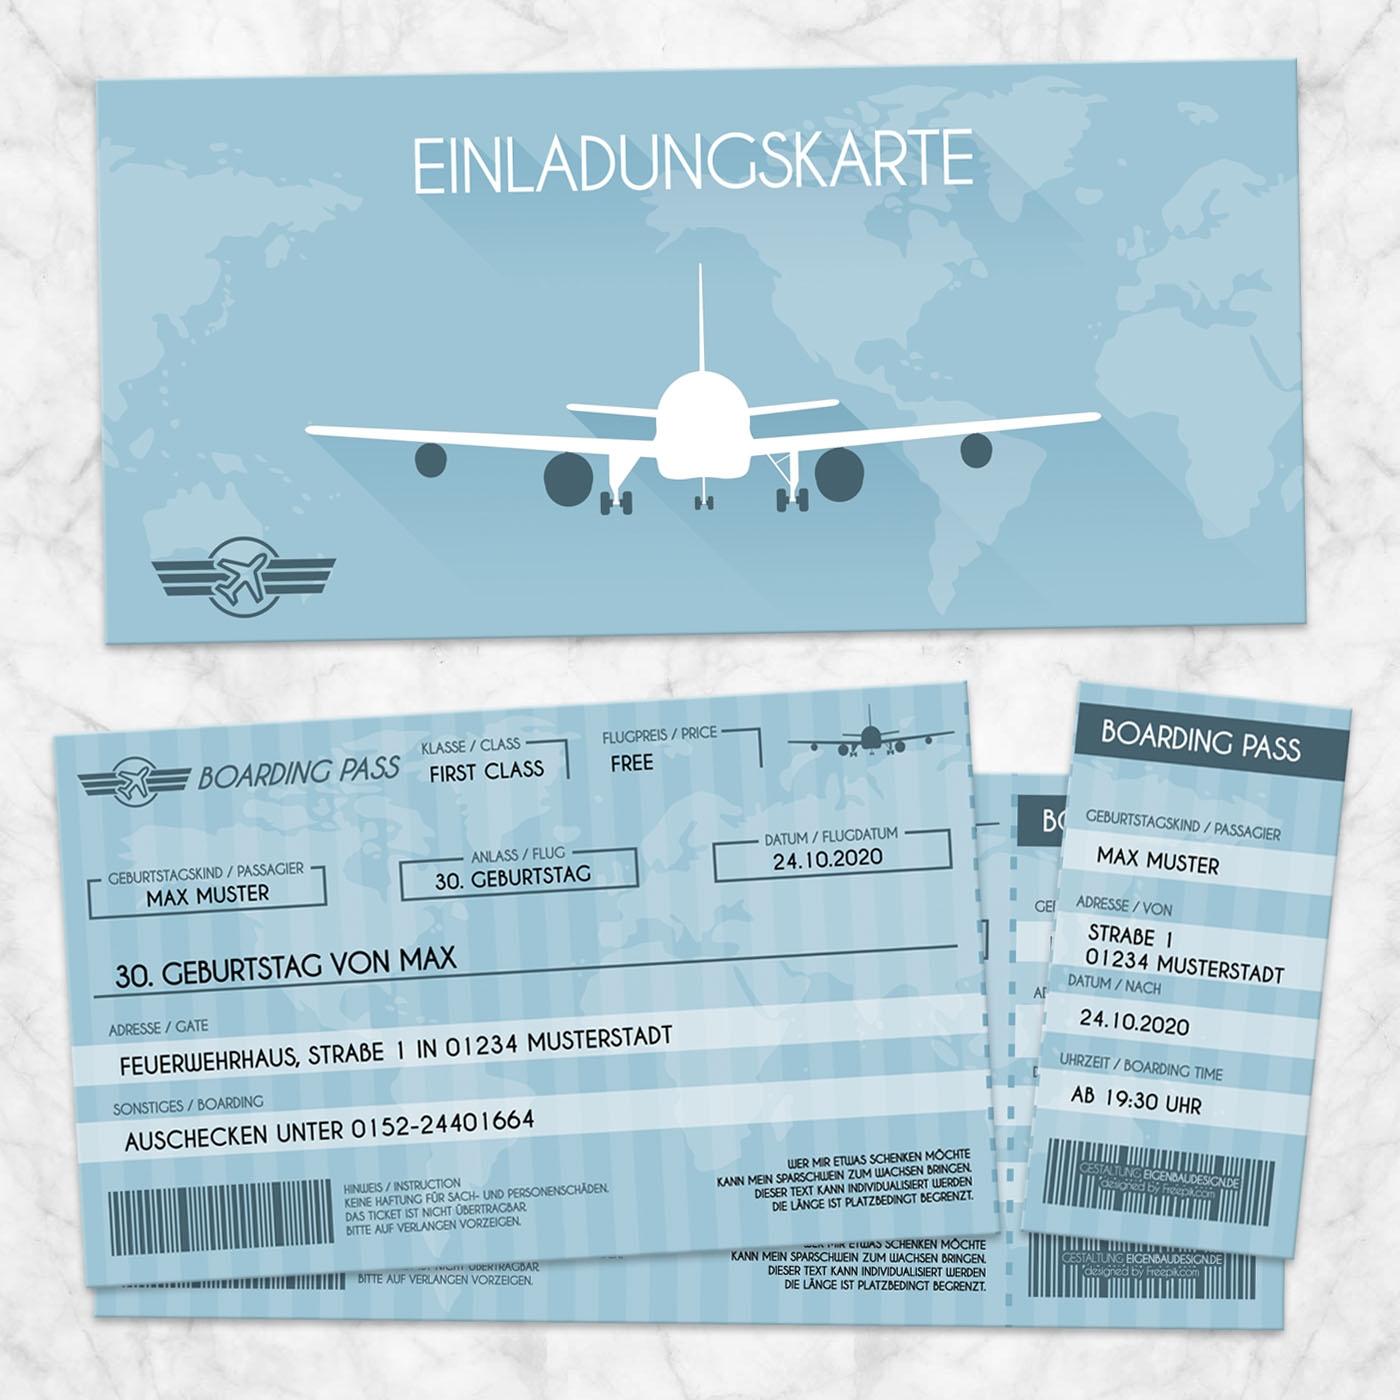 Einladungskarte Flugticket